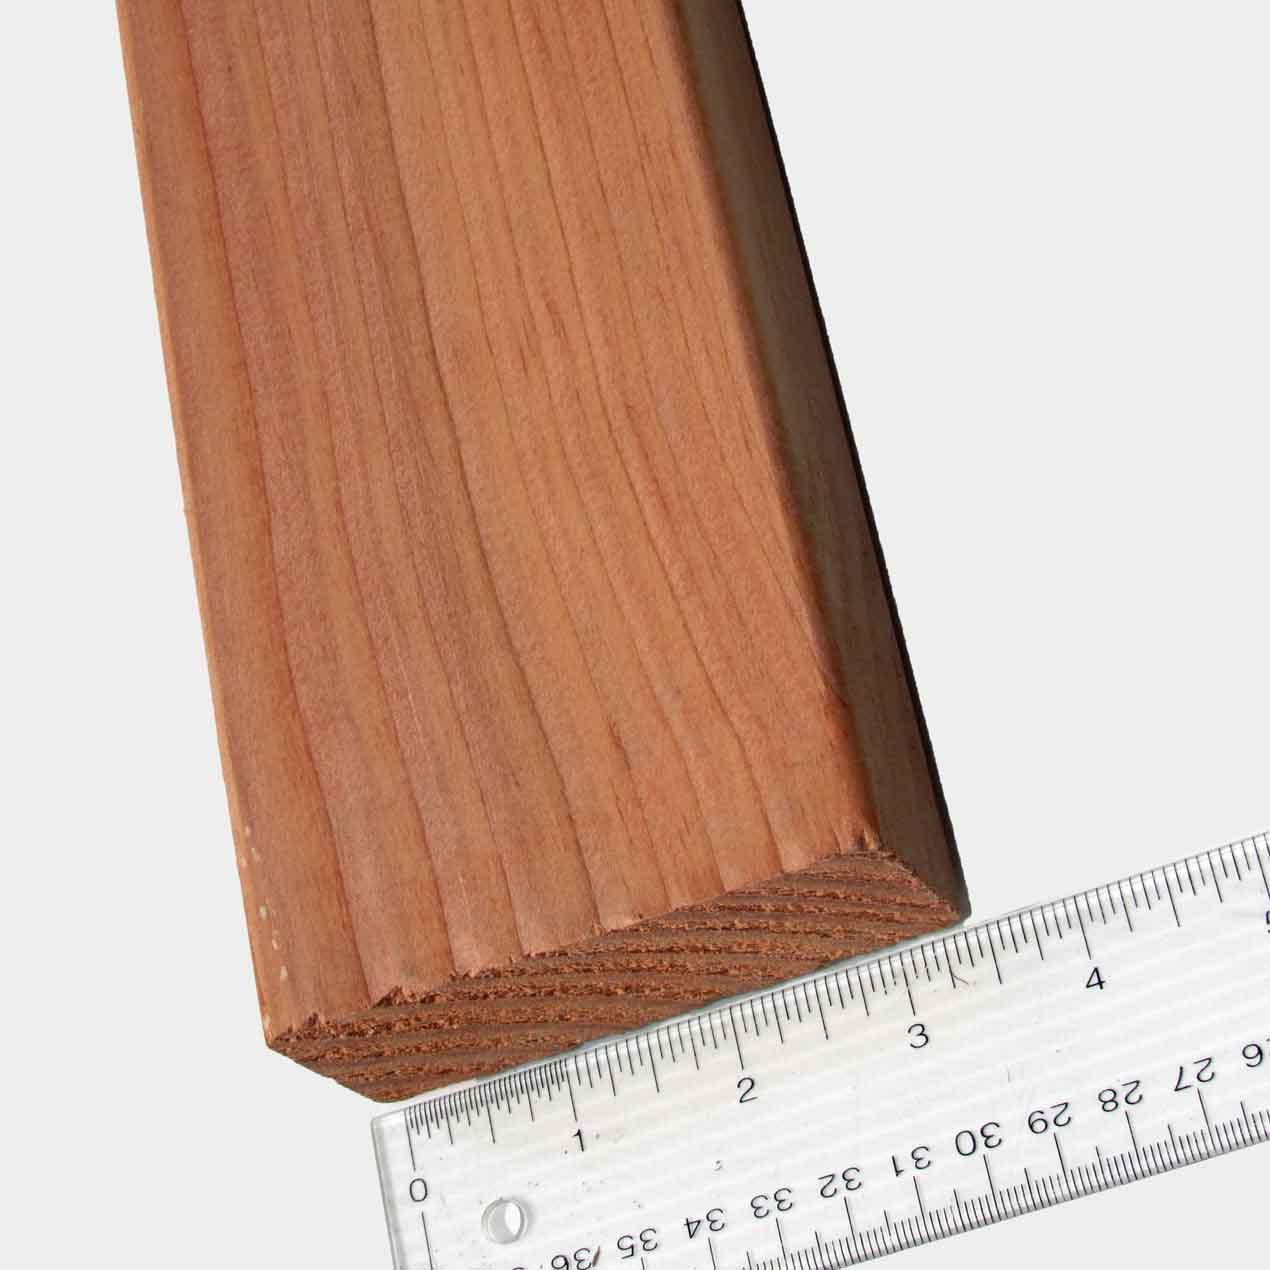 2x4 Doug Fir, Clear S4S - Capitol City Lumber